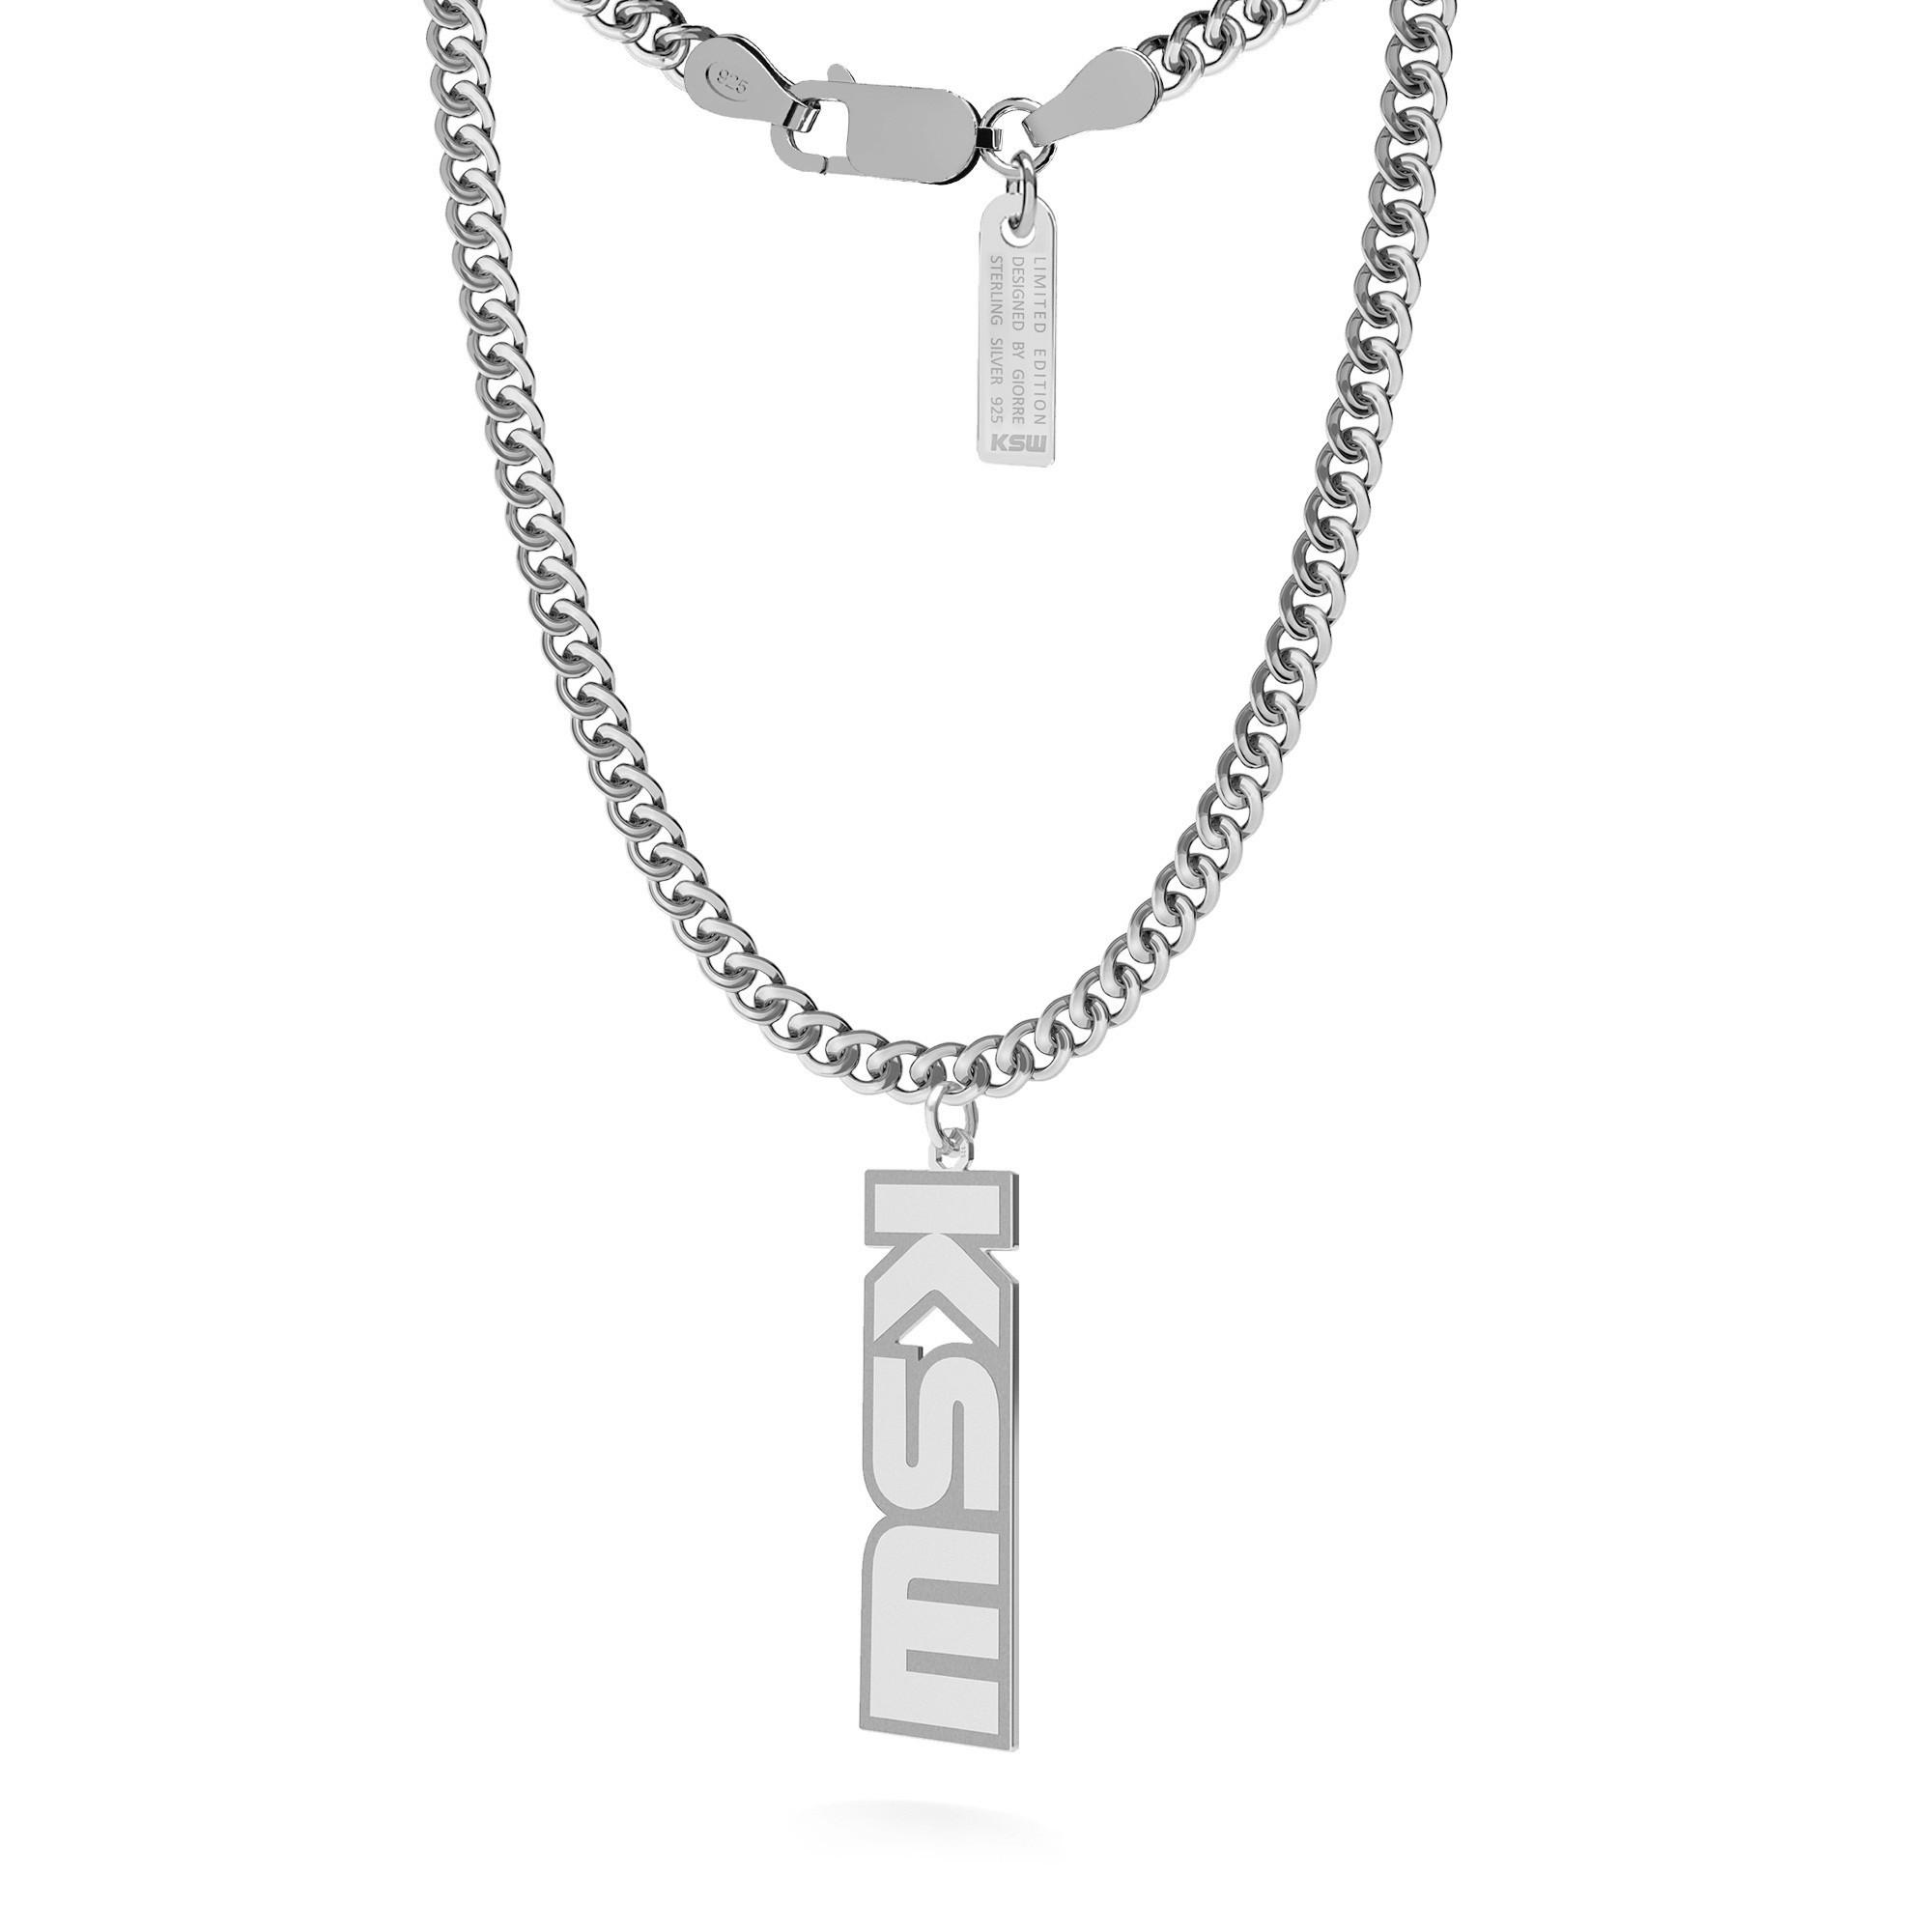 Naszyjnik z pionową blaszką KSW, łańcuch dmuchana pancerka, srebro 925